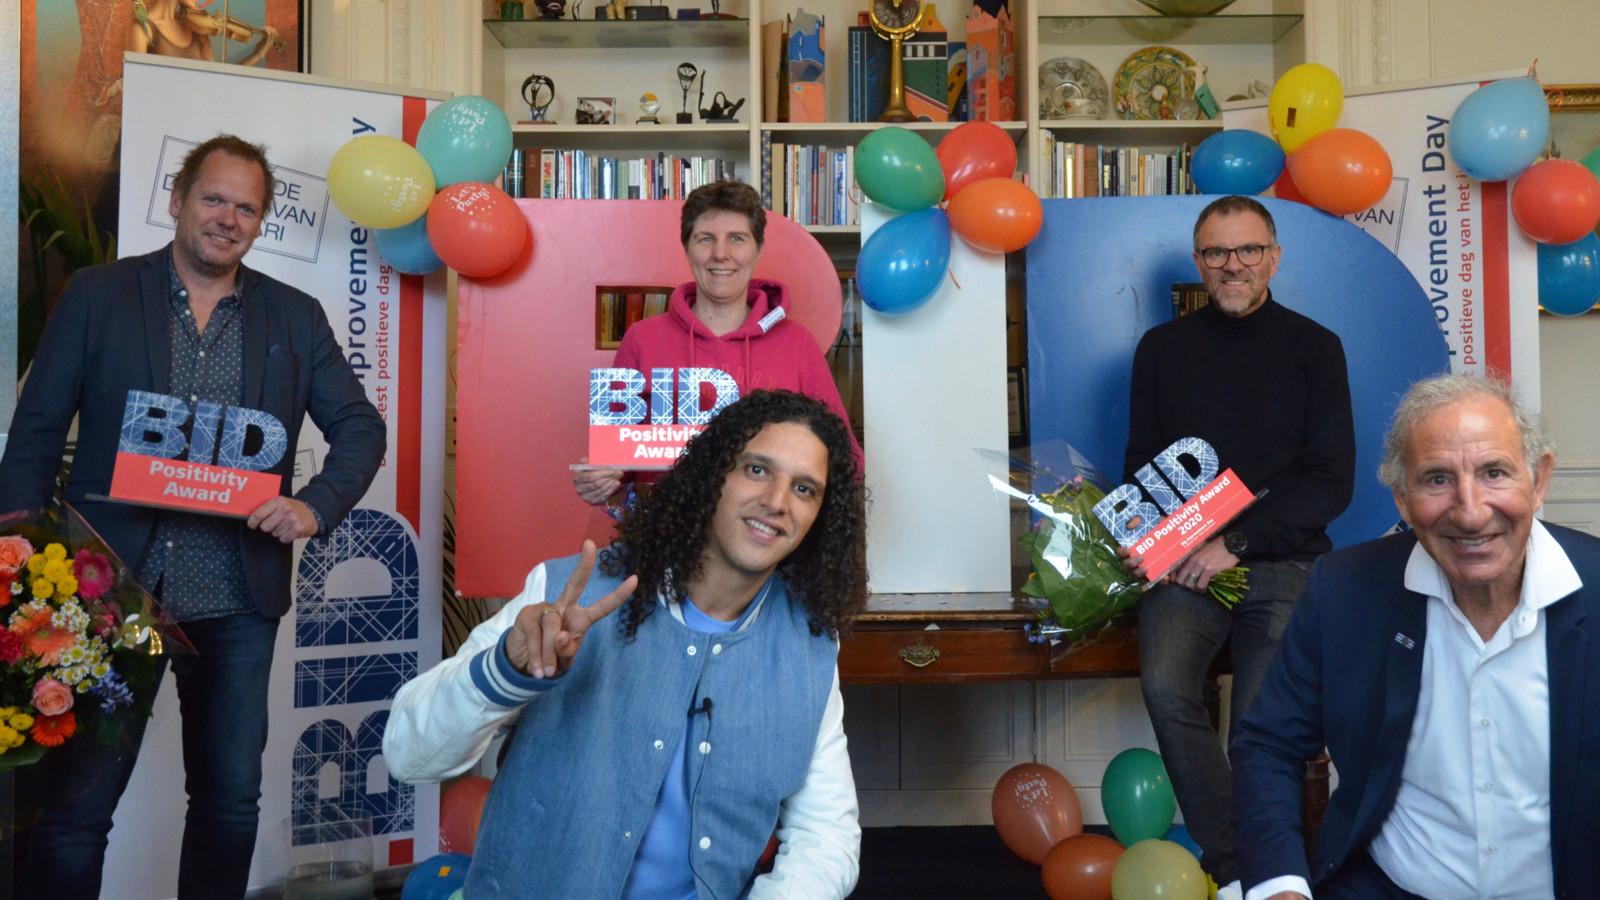 Mascha Struijk uit Utrecht is verkozen tot meest positieve Nederlander.